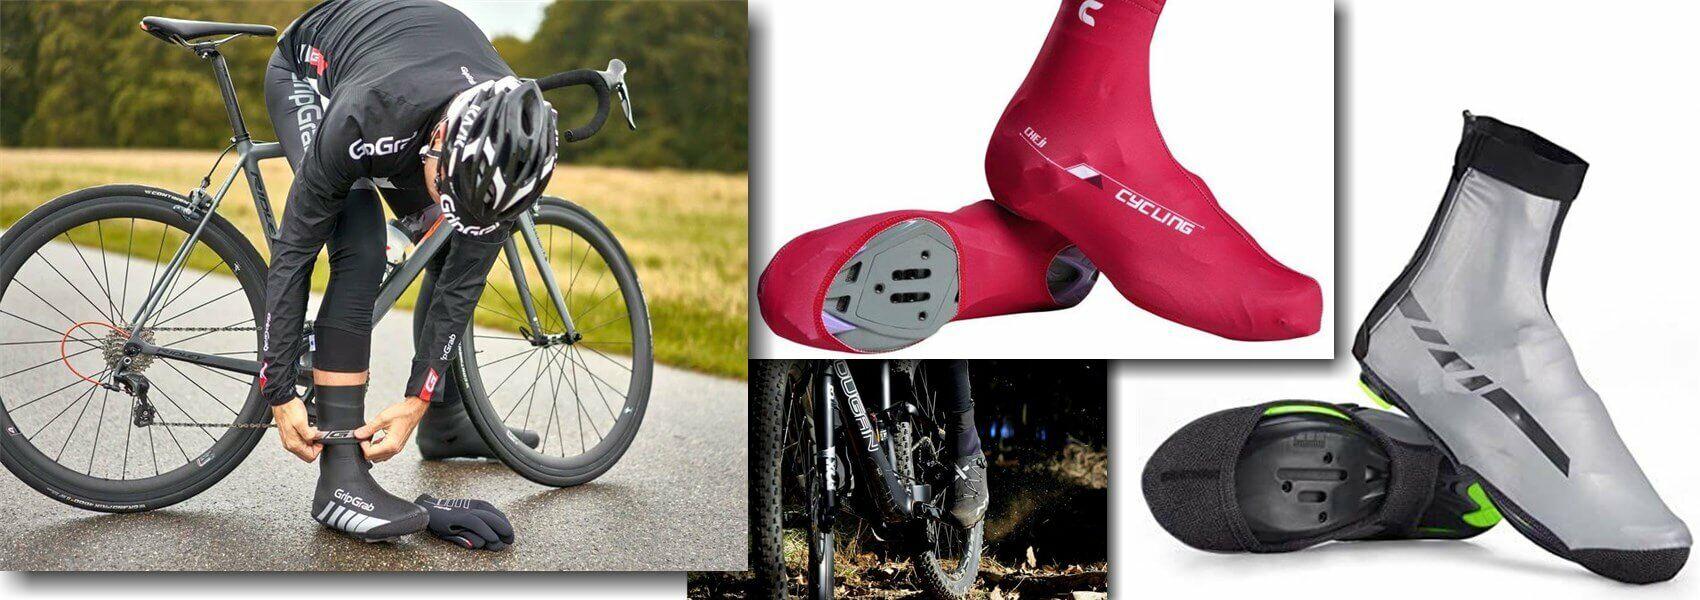 3k_hogyan öltözködj kerékpározáshoz szélben hűvös időjárásban